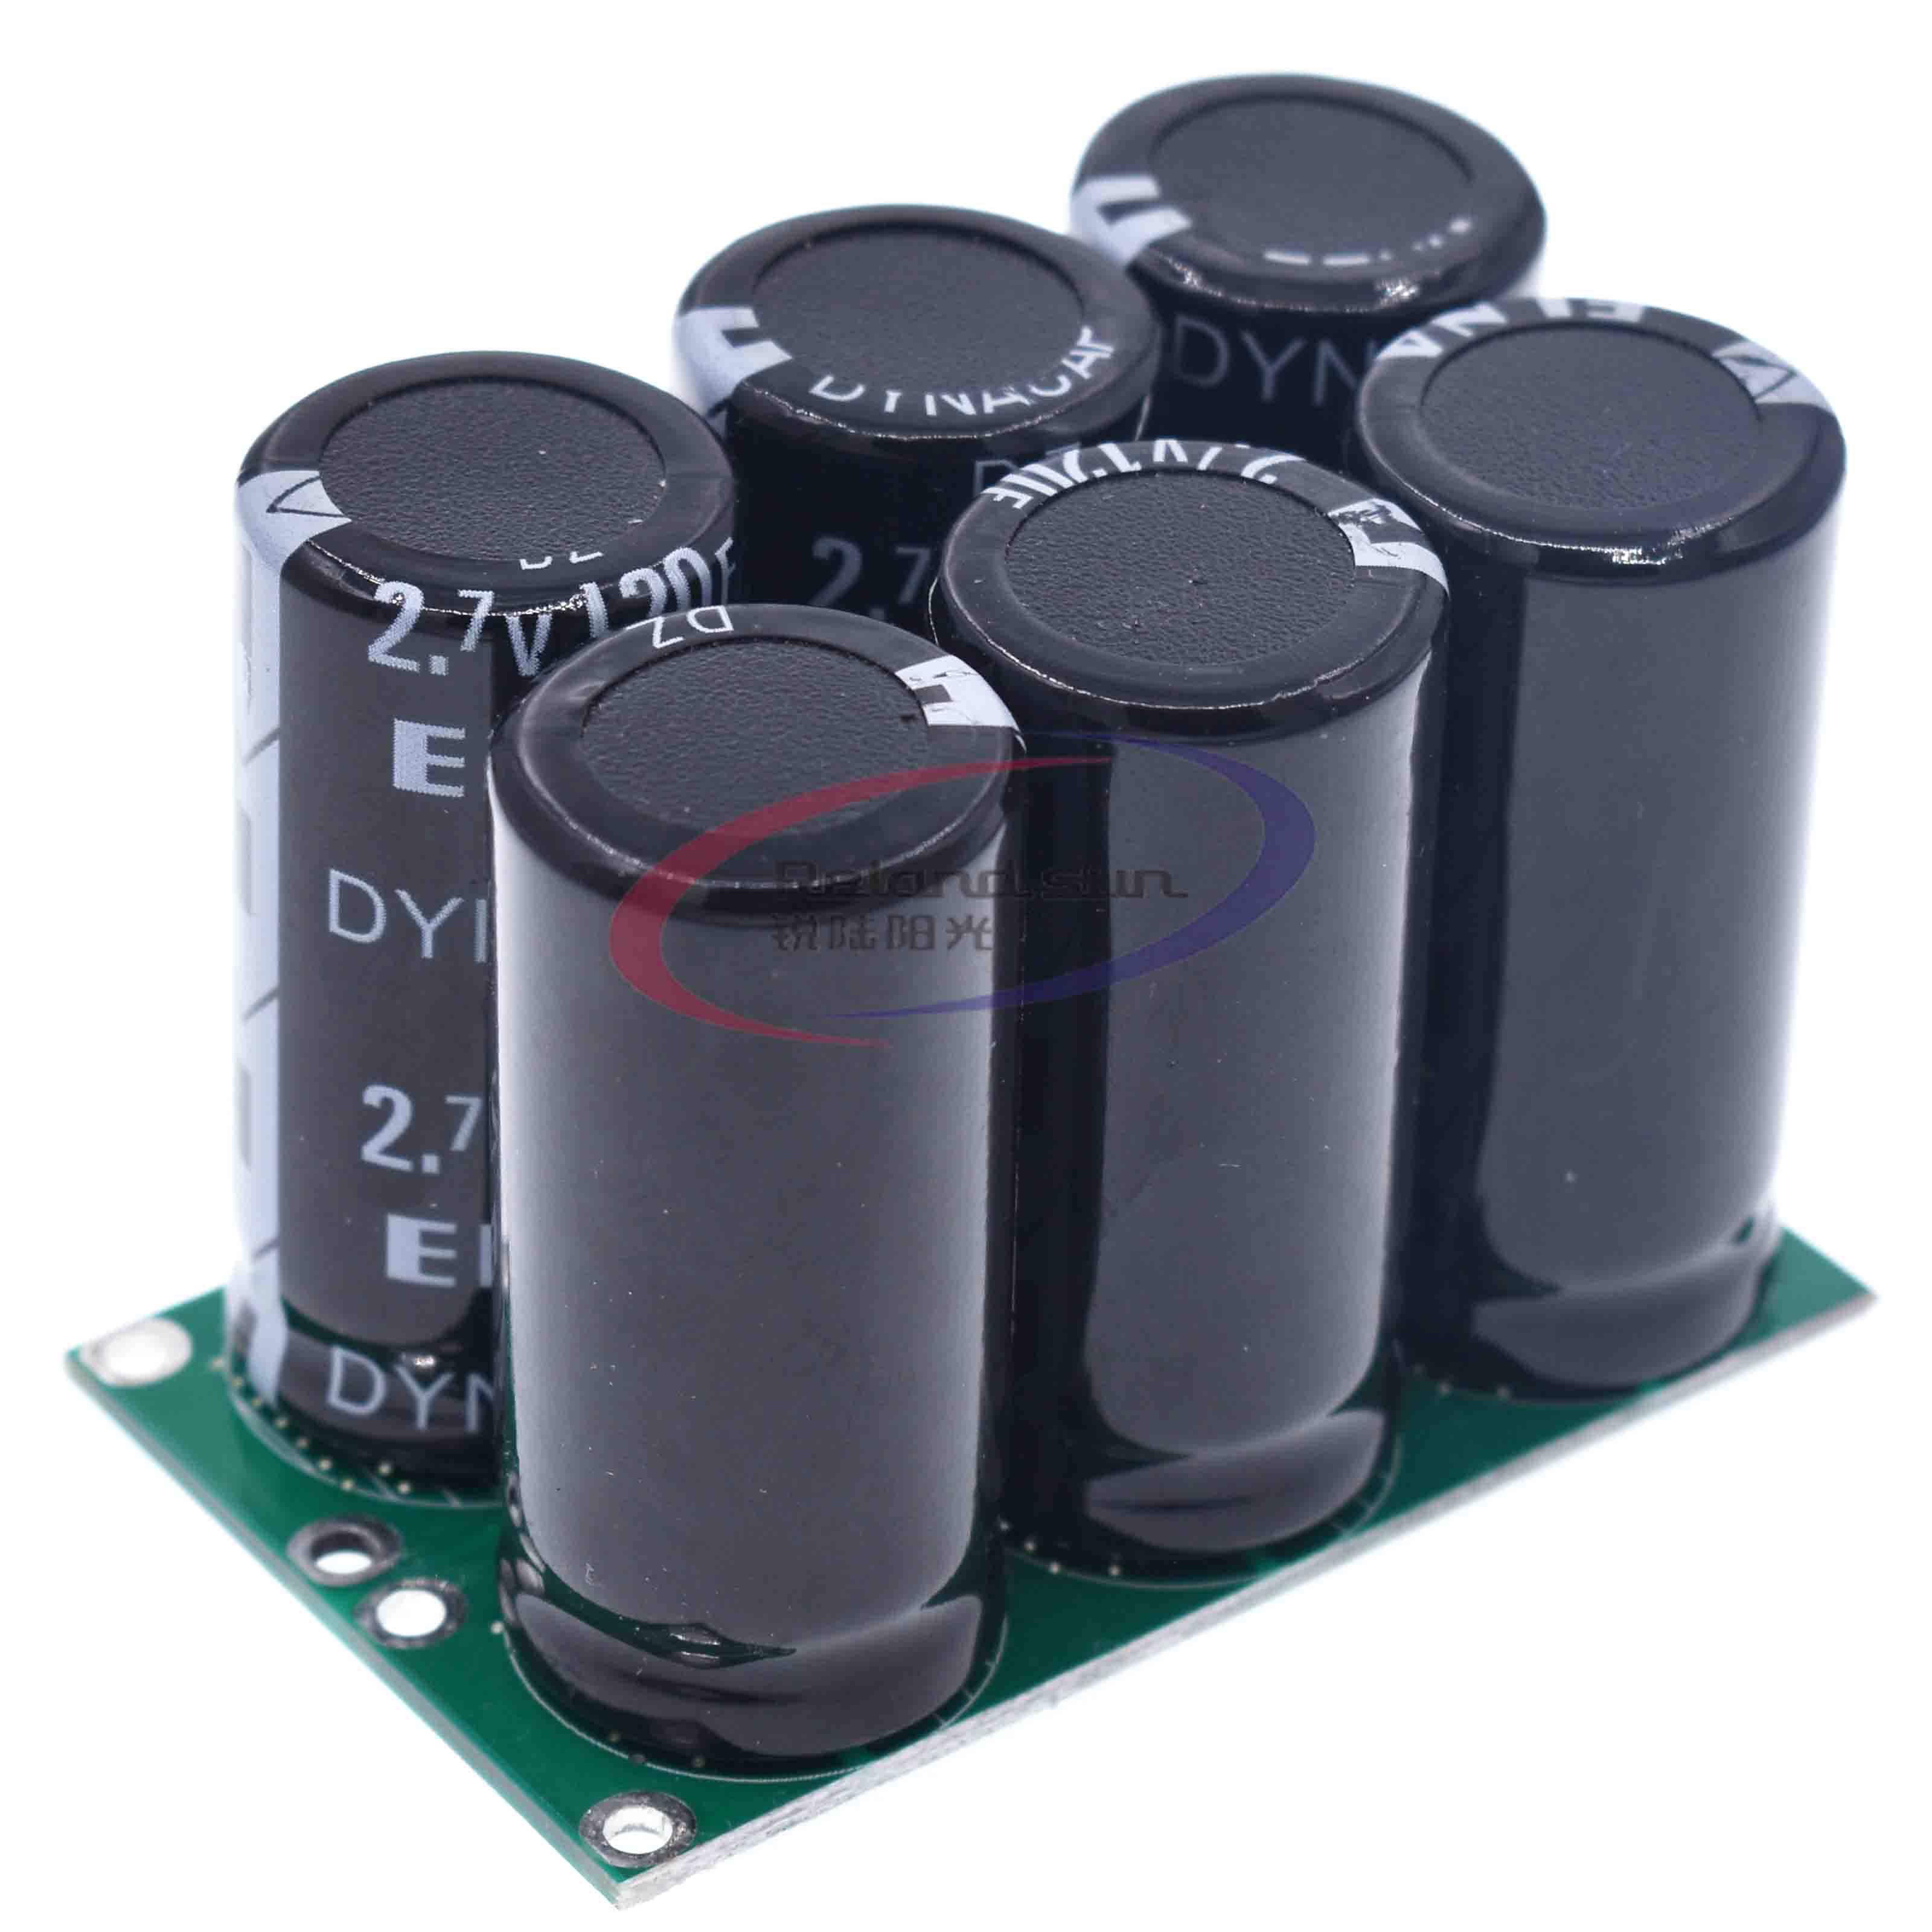 Capacitores farad 2.7 v 120f 6 pces super capacitor com placa de proteção novo